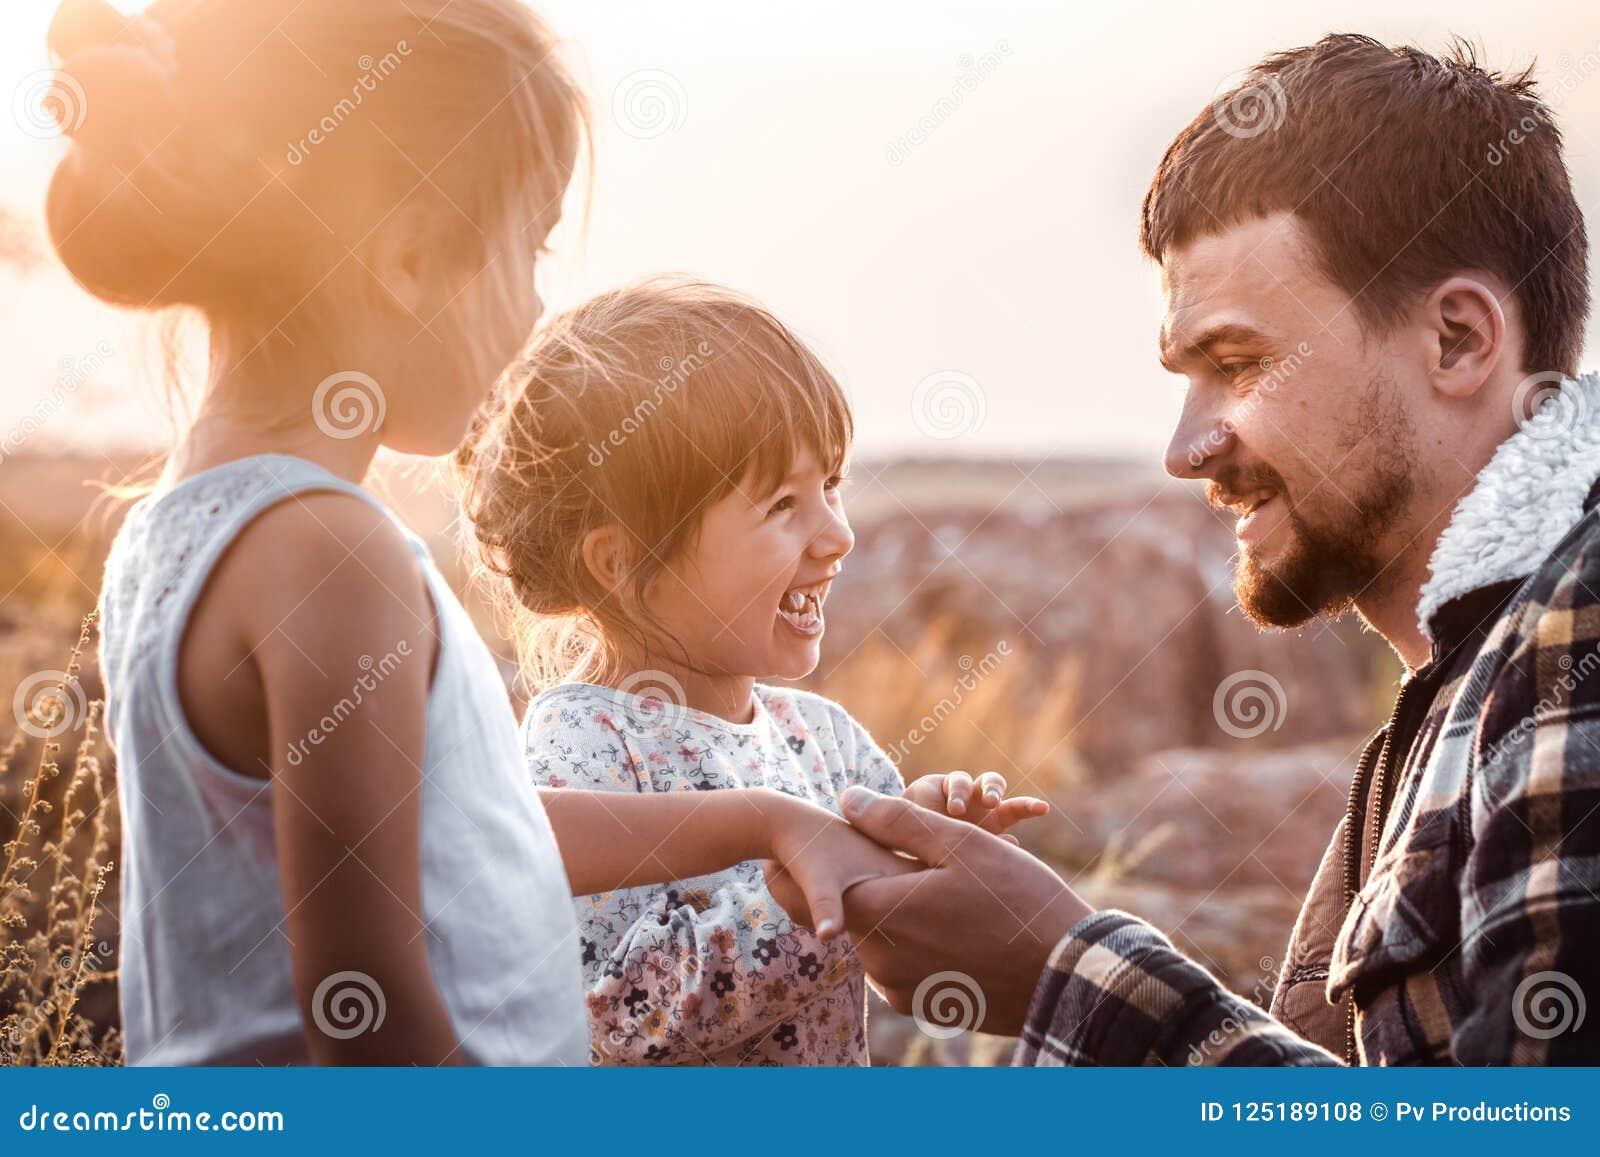 Papa jouant avec deux petites filles mignonnes